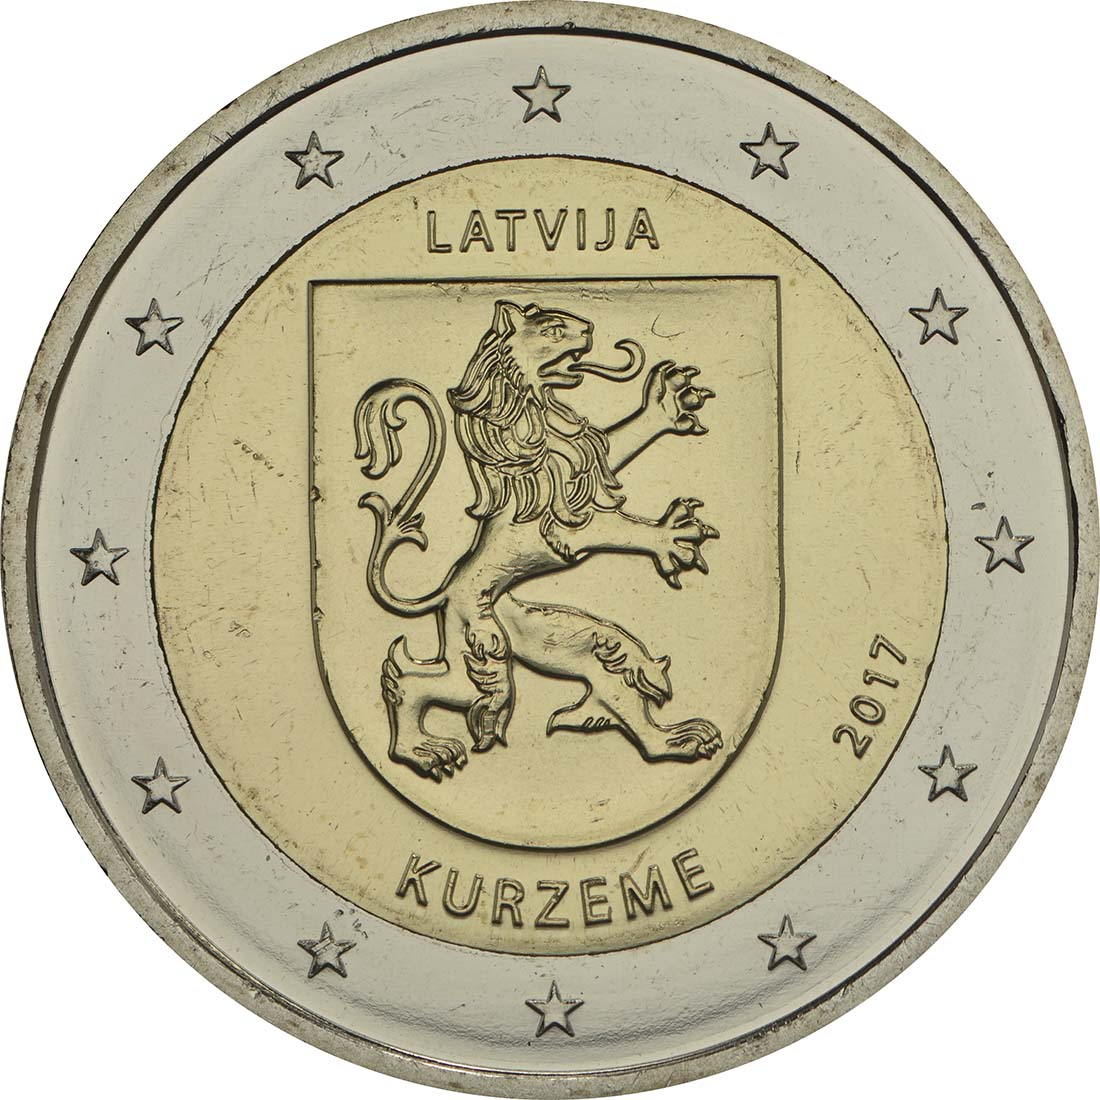 2017 291 Lettland Kurzeme.jpg